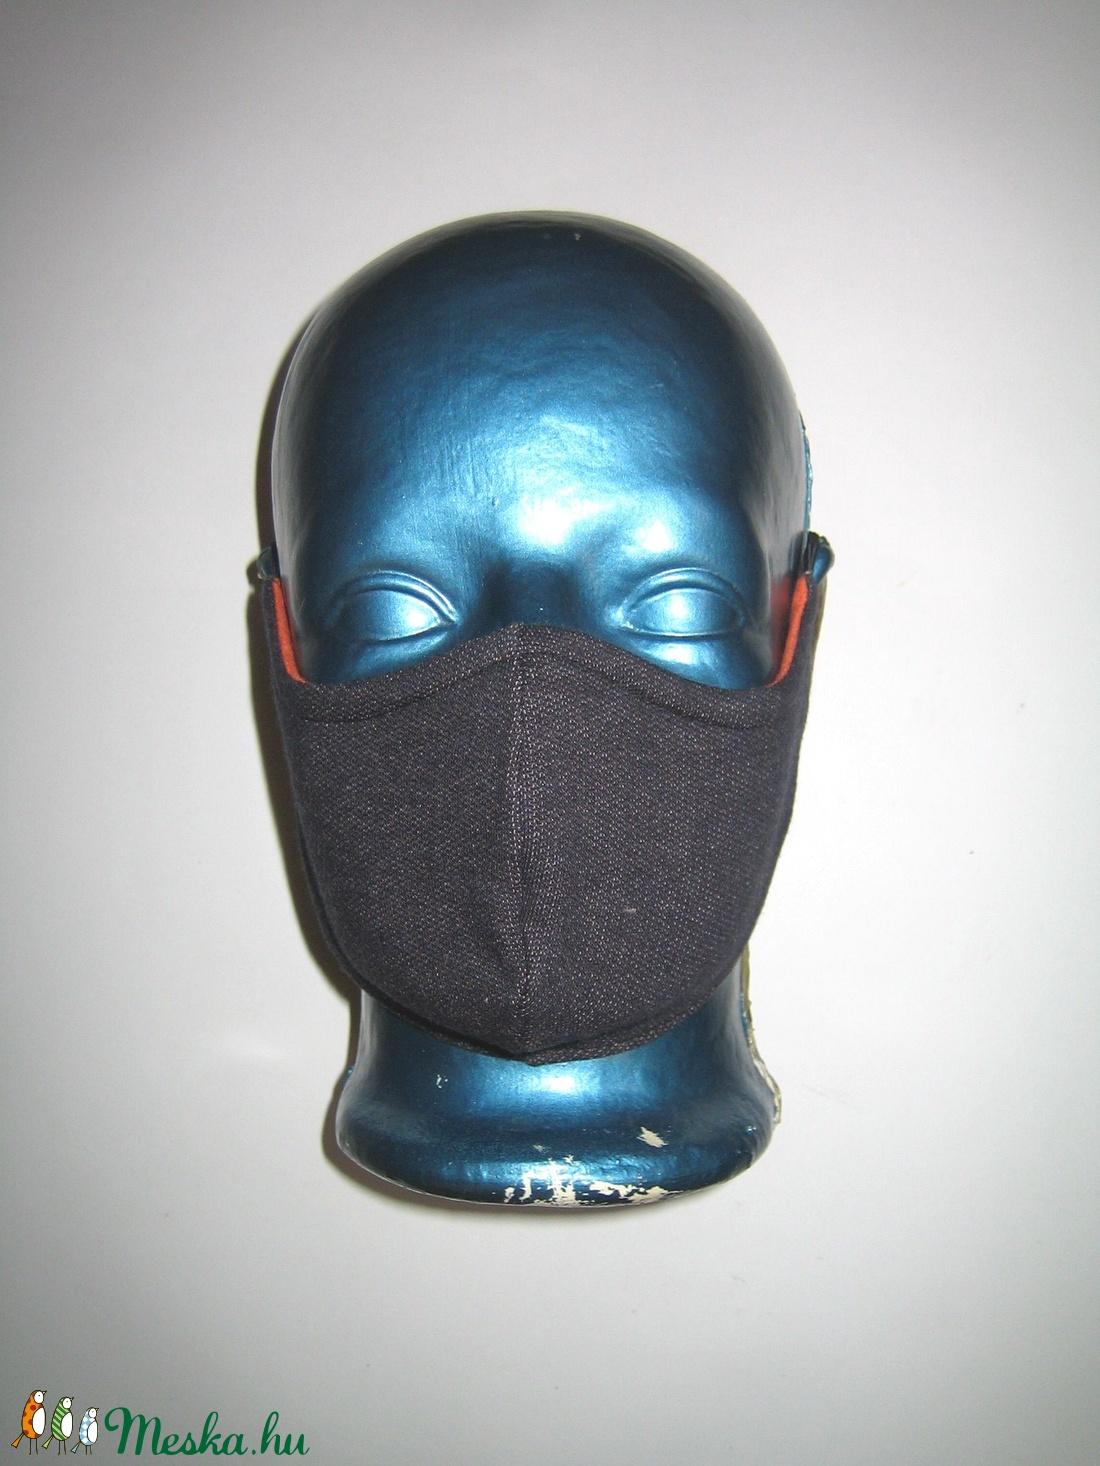 Szimszonék szájmaszk szabályozható gumis arcmaszk biciklis maszk   - maszk, arcmaszk - férfi & uniszex - Meska.hu